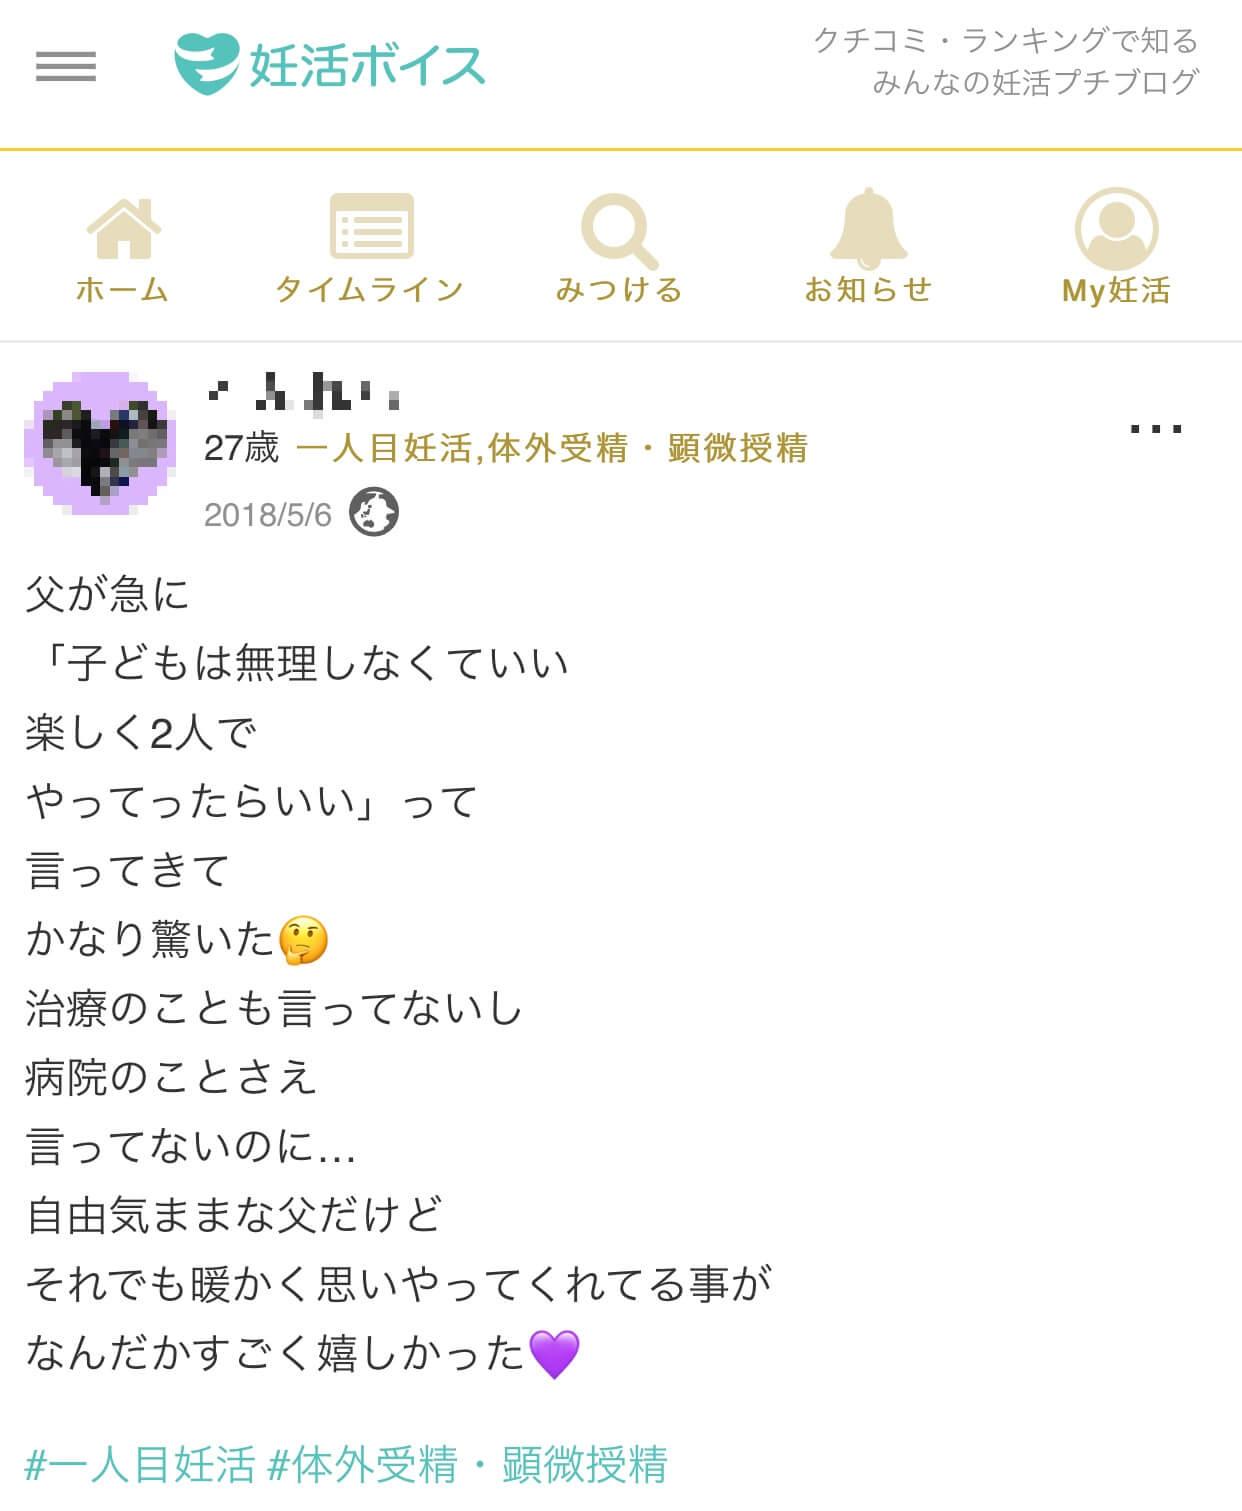 ユーザーRさん(27歳・体外受精・顕微授精)